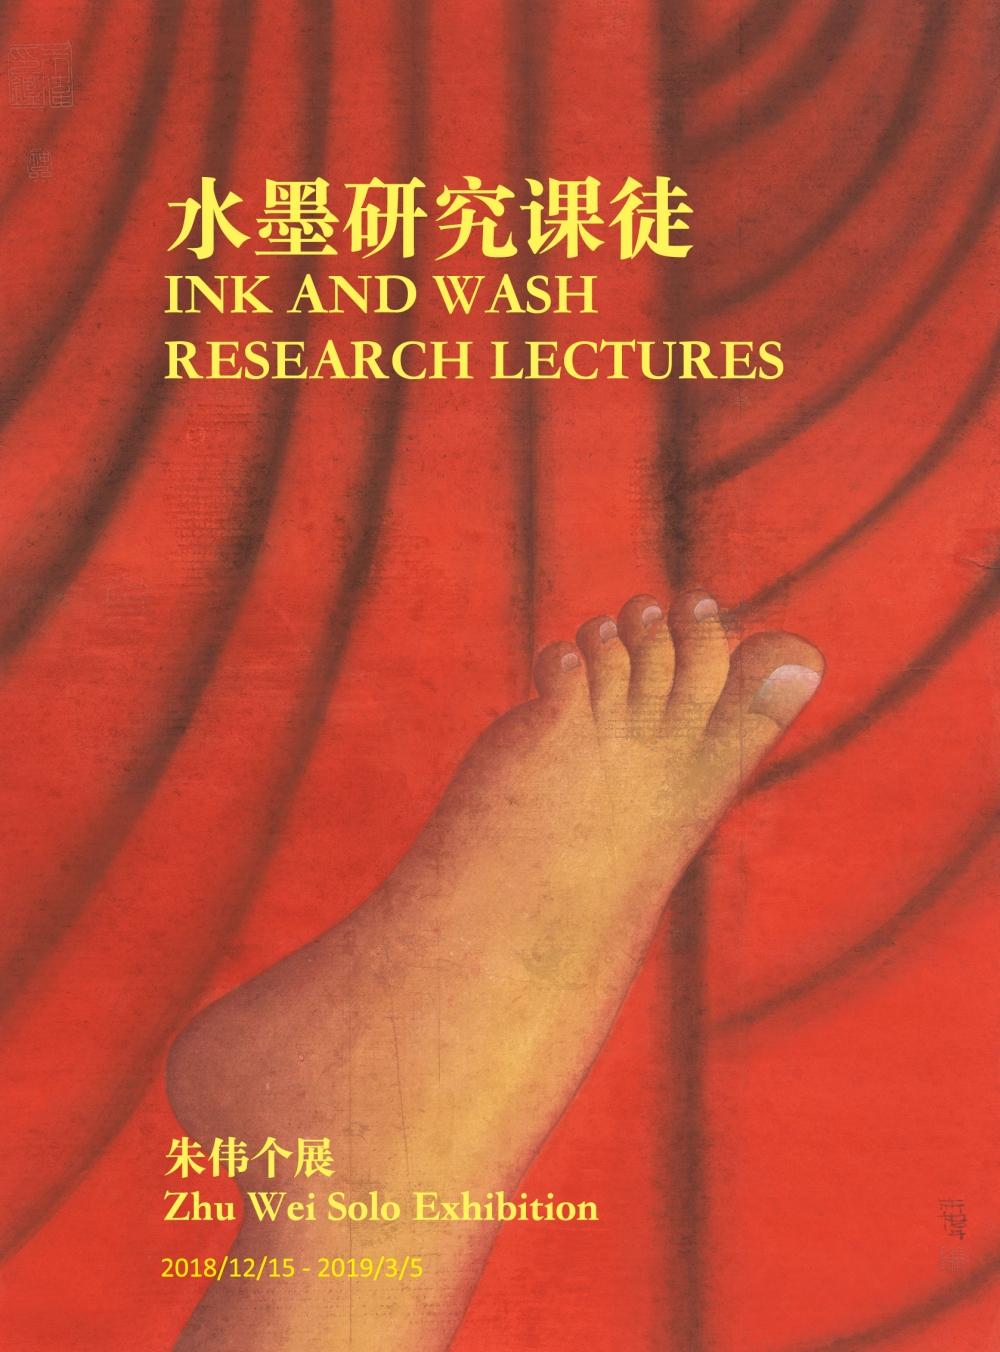 朱伟:水墨研究课徒 Zhu Wei: Ink and wash research lectures